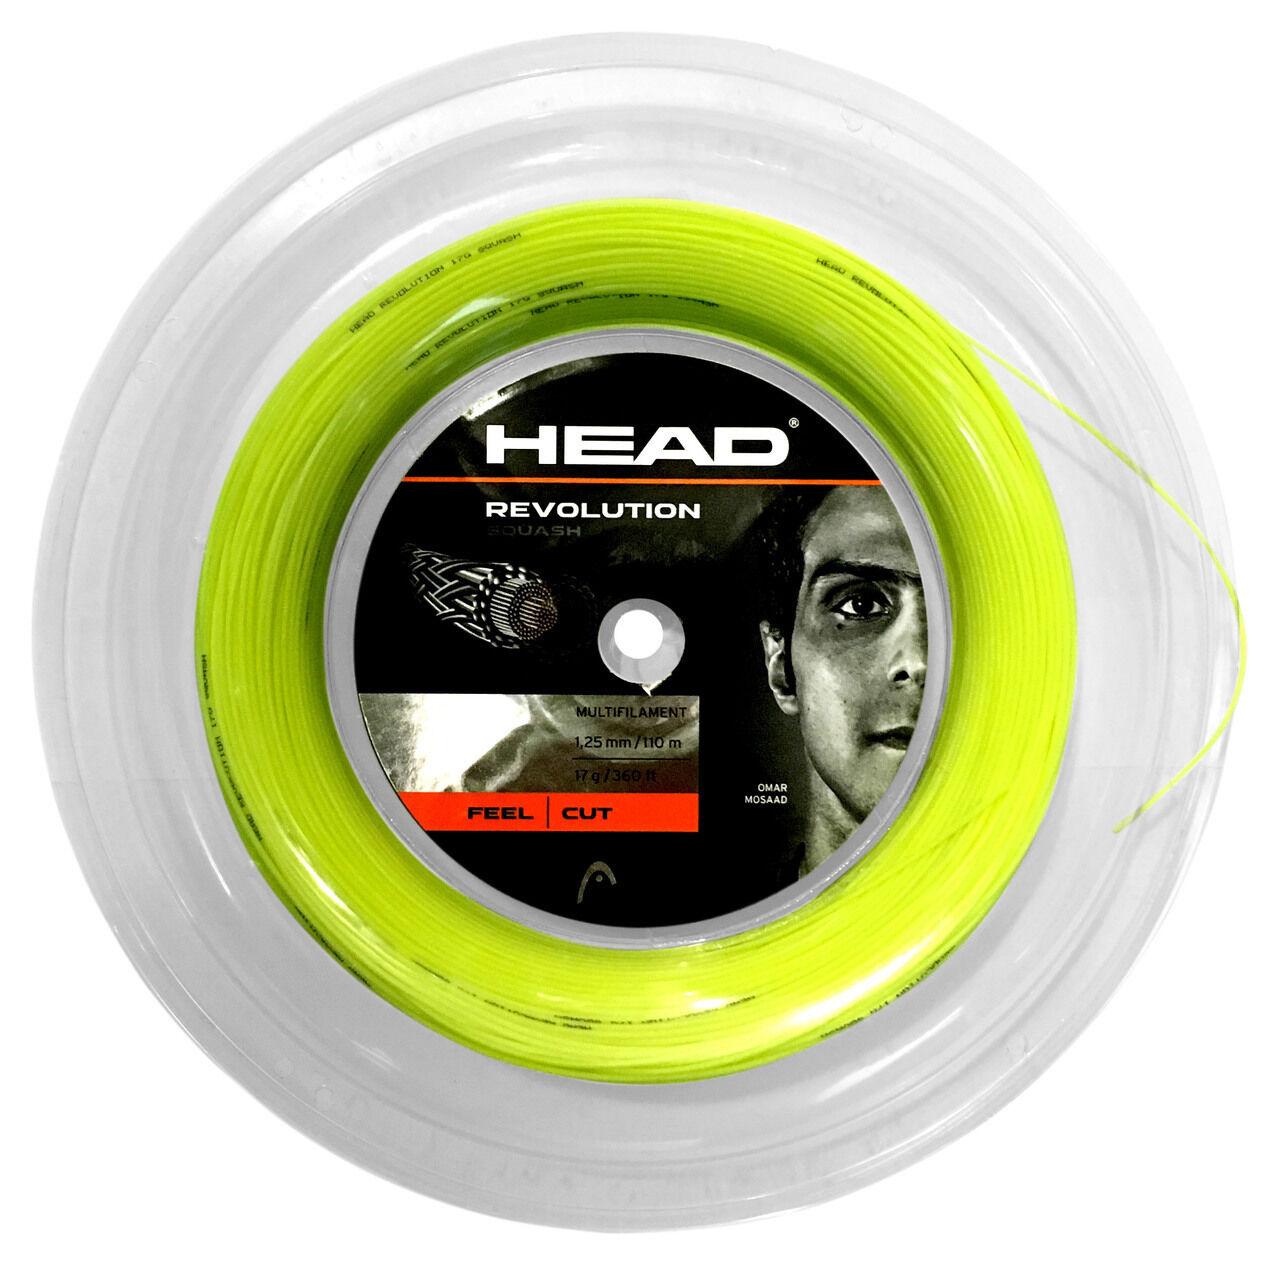 Head Revolution 110m Squash String Reel 17   1.25mm